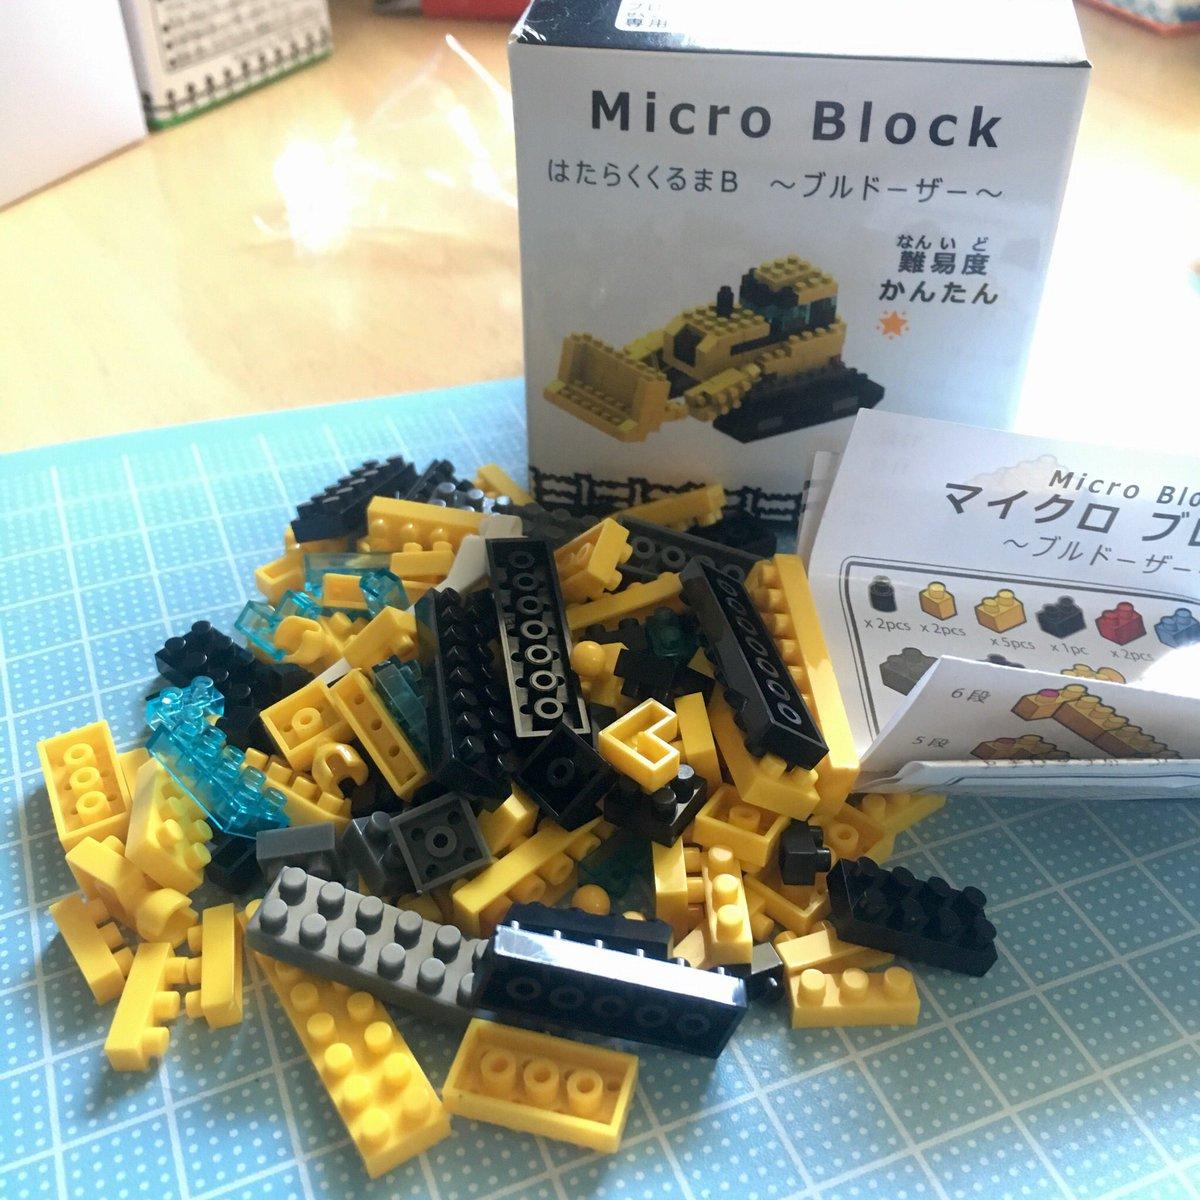 test ツイッターメディア - マイクロブロック ? ブルドーザー ? #マイクロブロック #セリア #ブルドーザー https://t.co/Ilem8j8lQC